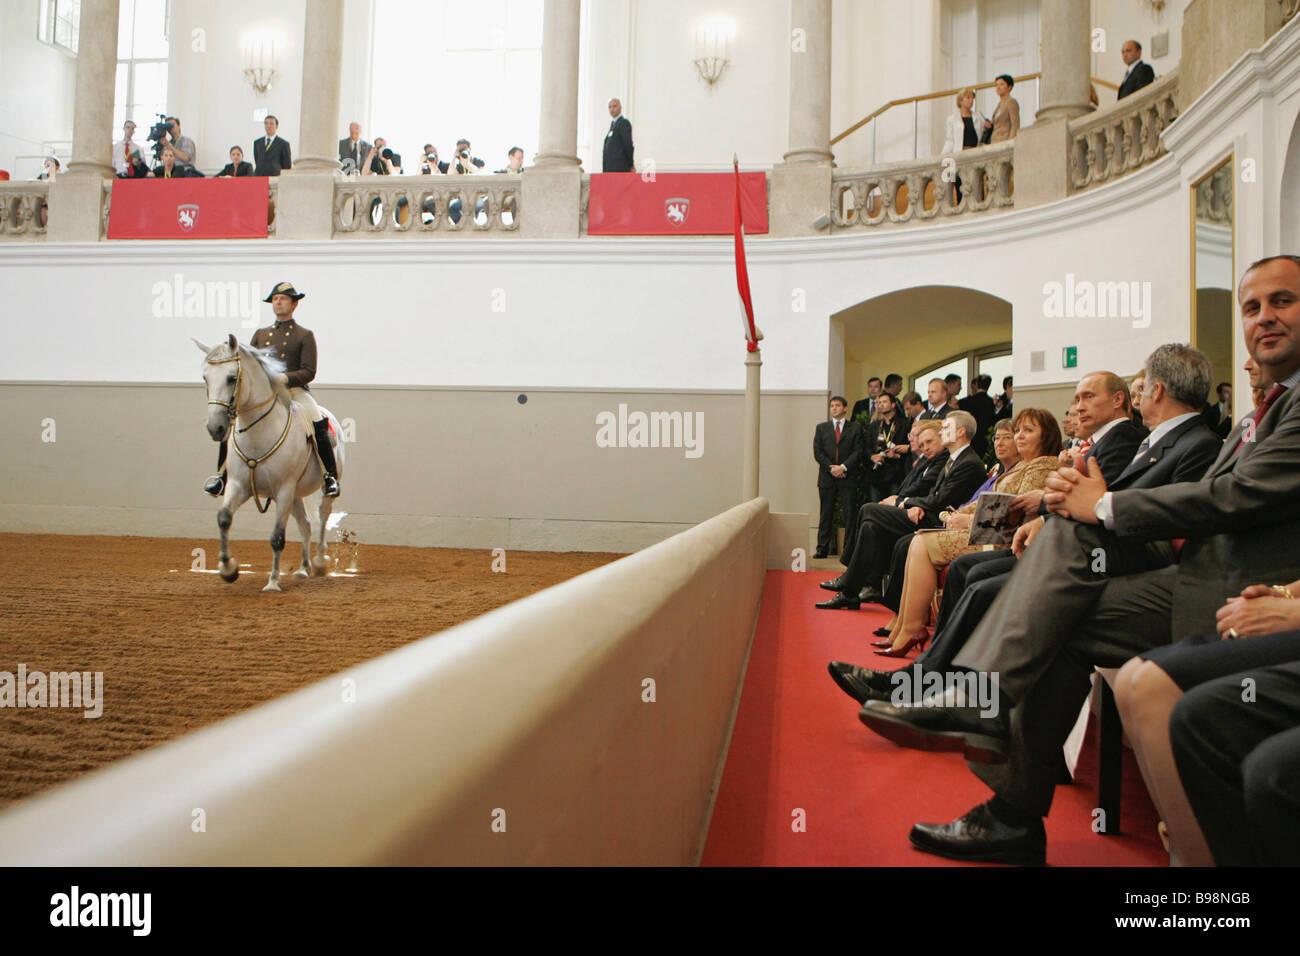 La Scuola di Equitazione Spagnola a Vienna Immagini Stock